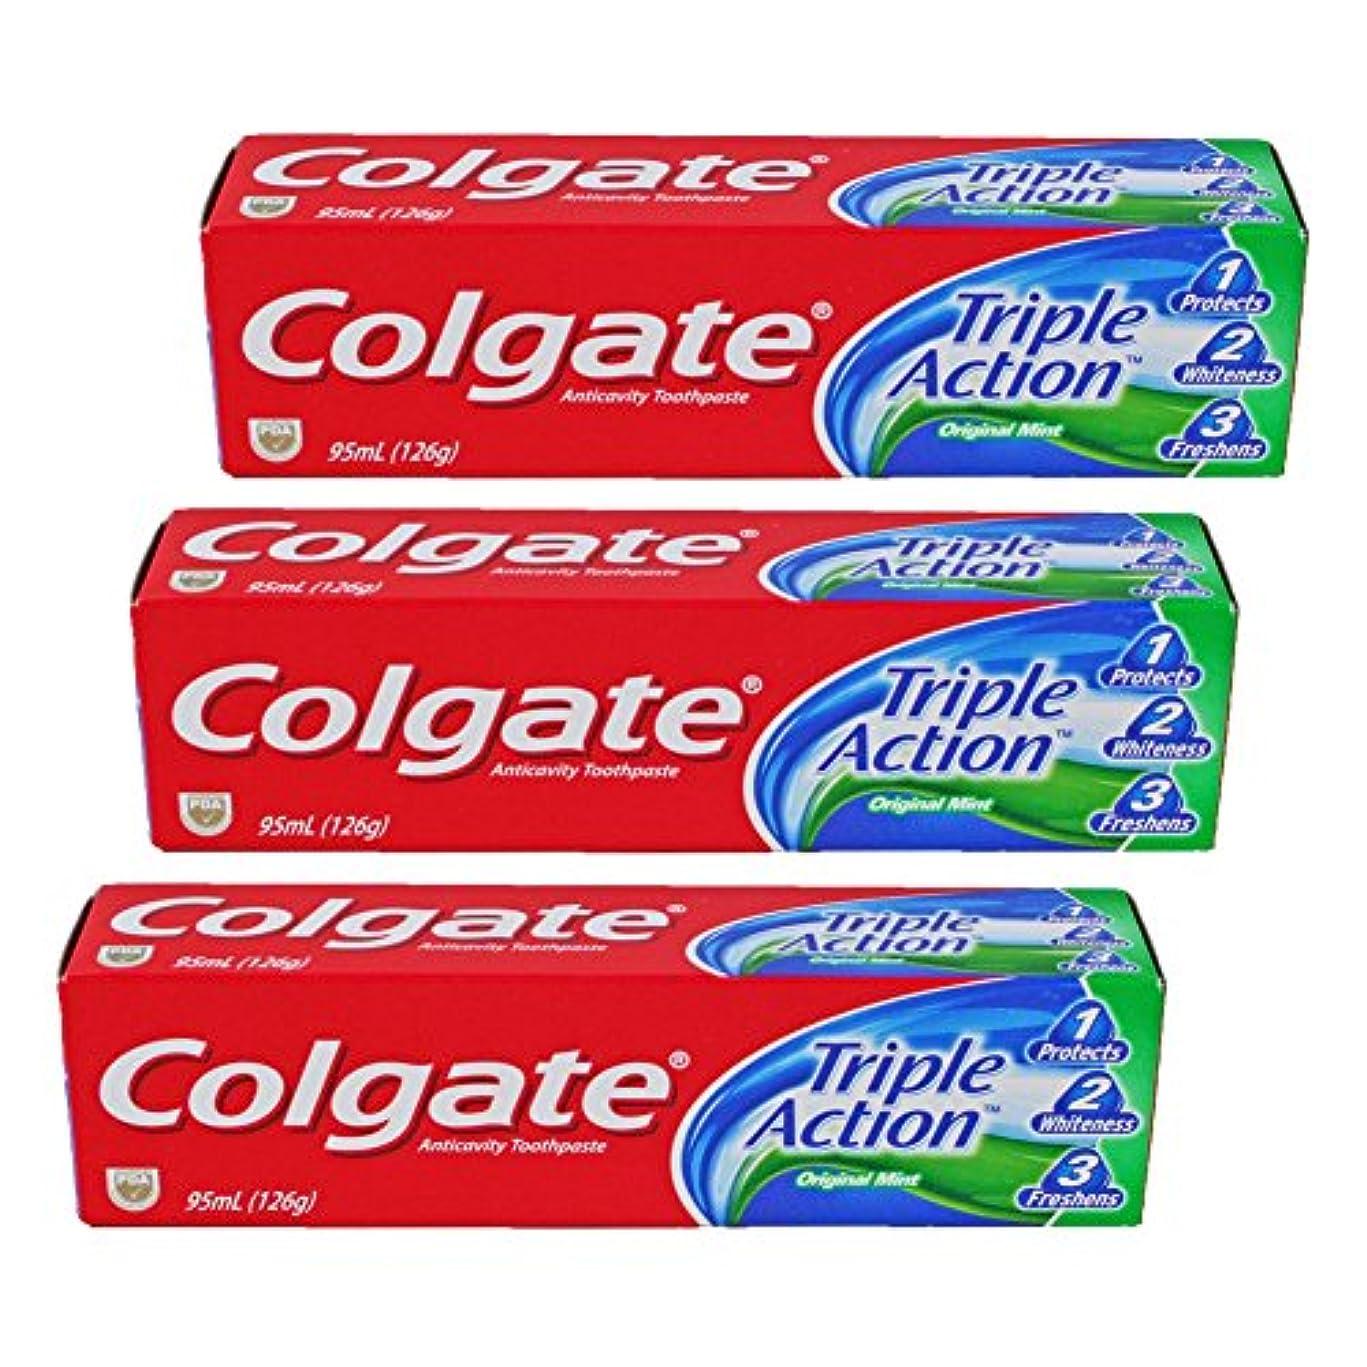 不屈最大の狼コルゲート Colgate Triple Action (95mL)126g 3個セット [並行輸入品]